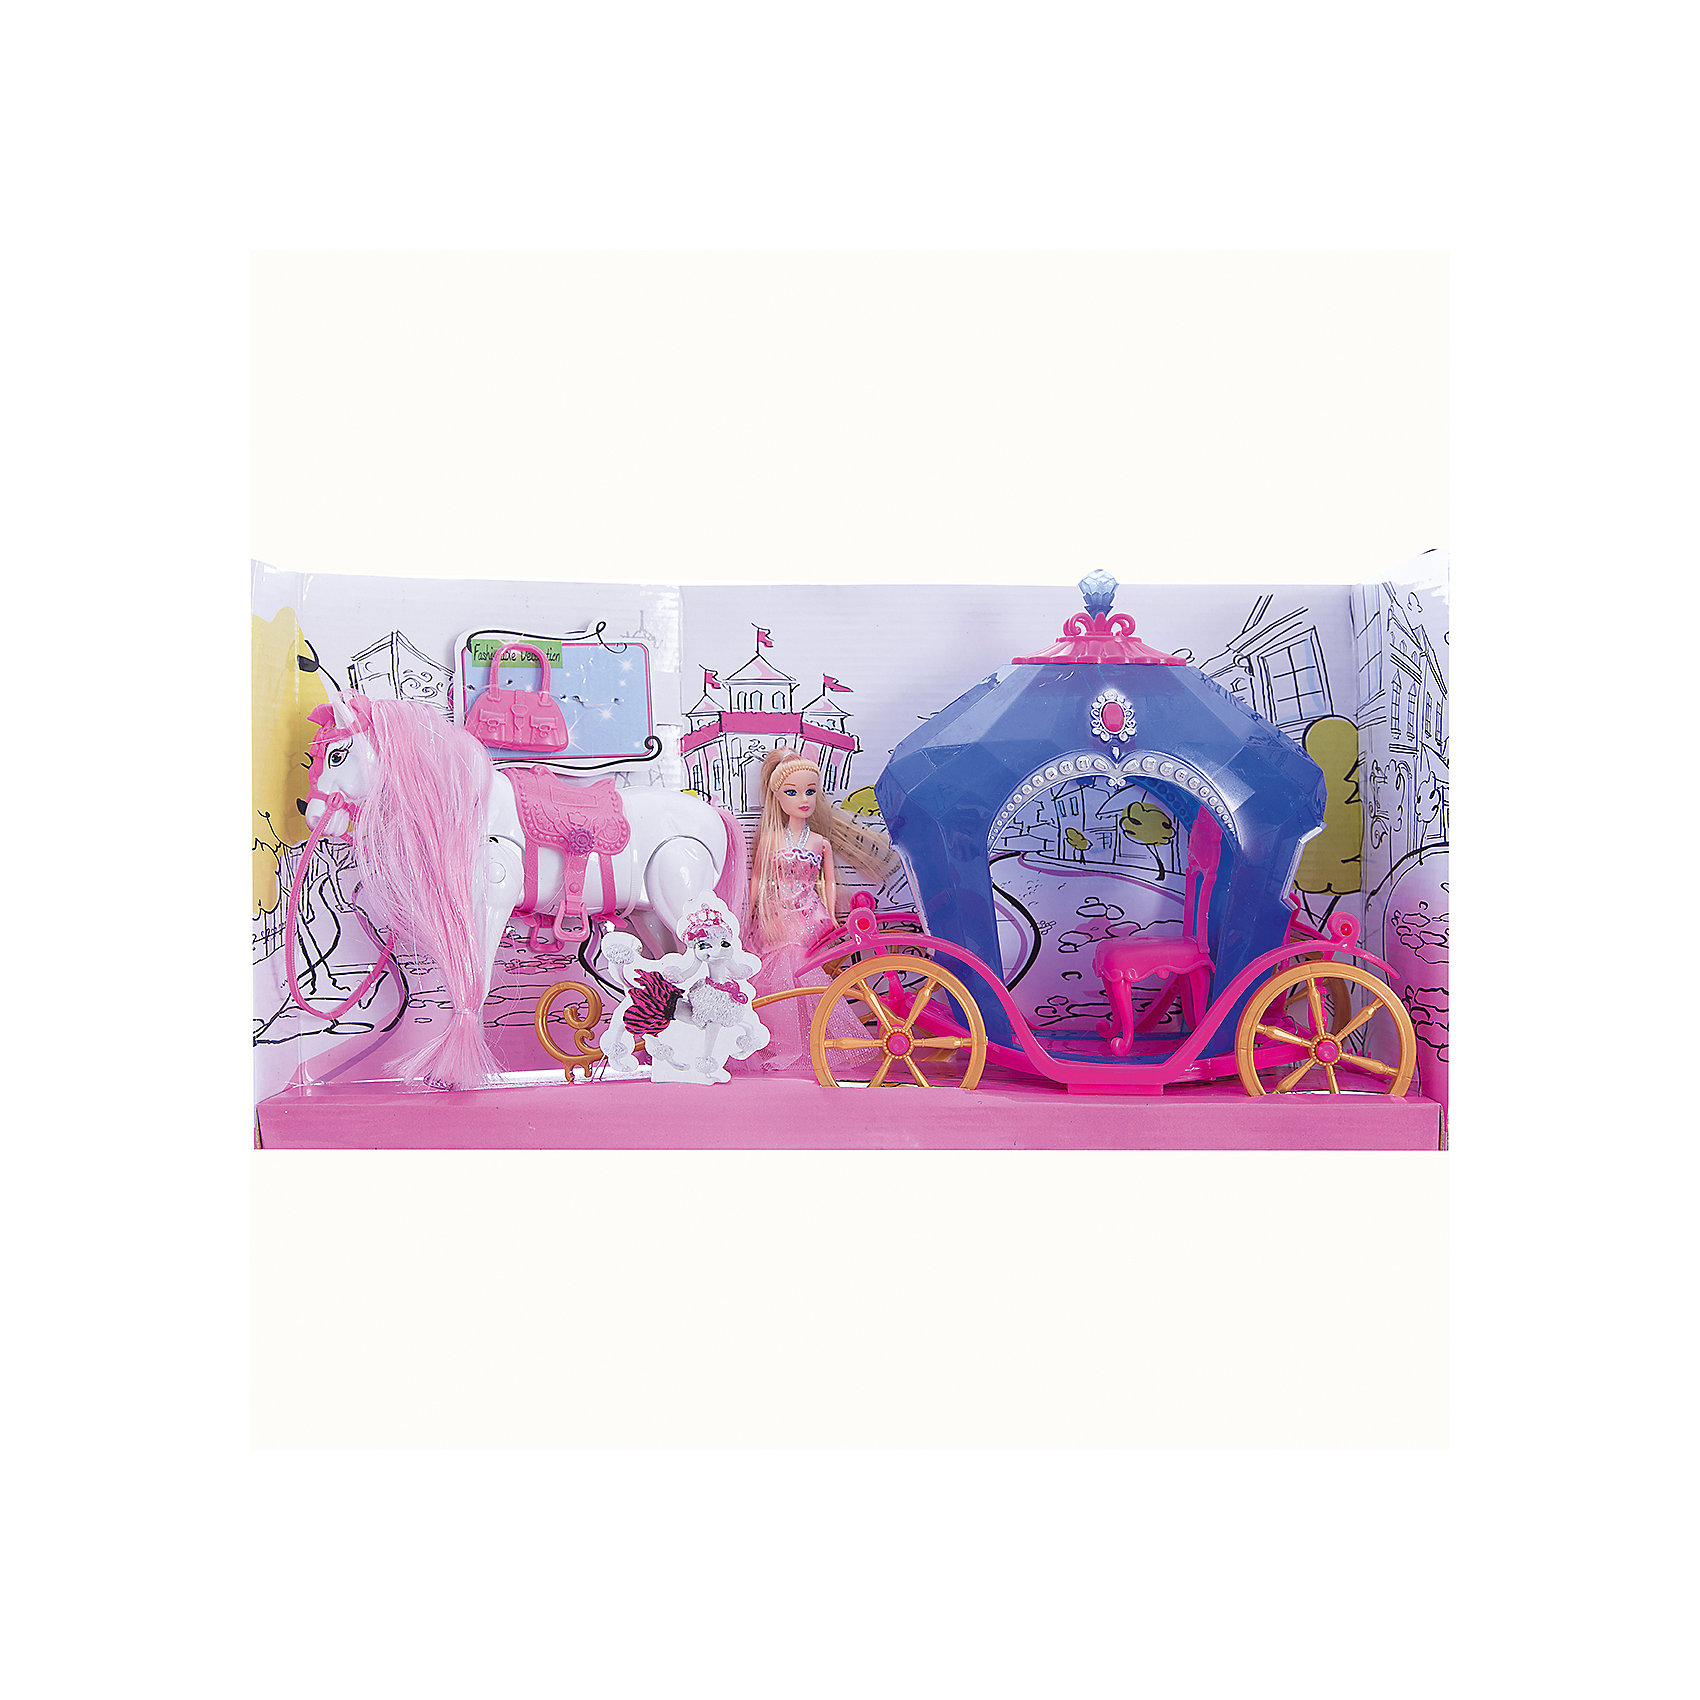 Карета с куклой и лошадью, со светом и звуком, Shantou GepaiКоляски и транспорт для кукол<br>Игрушки с каждым годом становятся все интереснее и интереснее, так как новые технологии уверенно пробираются в детские комнаты. Световые игрушки привлекают внимание малышей с первой игры. Звуковые эффекты сделают игру веселой и необычной. Интерактивная игрушка окажется прекрасным подарком для всех детей. Яркие цвета, приятные мелодии и комфортный на ощупь материал сделают модель любимой игрушкой. Материалы, использованные при изготовлении товара, абсолютно безопасны и отвечают всем международным требованиям по качеству.<br><br>Дополнительные характеристики:<br><br>материал: пластик, ПВХ;<br>габариты: 49 X 12 X 25 см.<br><br>Карету с куклой и лошадью, со светом и звуком от компании Shantou Gepai можно приобрести в нашем магазине.<br><br>Ширина мм: 490<br>Глубина мм: 250<br>Высота мм: 120<br>Вес г: 890<br>Возраст от месяцев: 36<br>Возраст до месяцев: 96<br>Пол: Женский<br>Возраст: Детский<br>SKU: 5032520